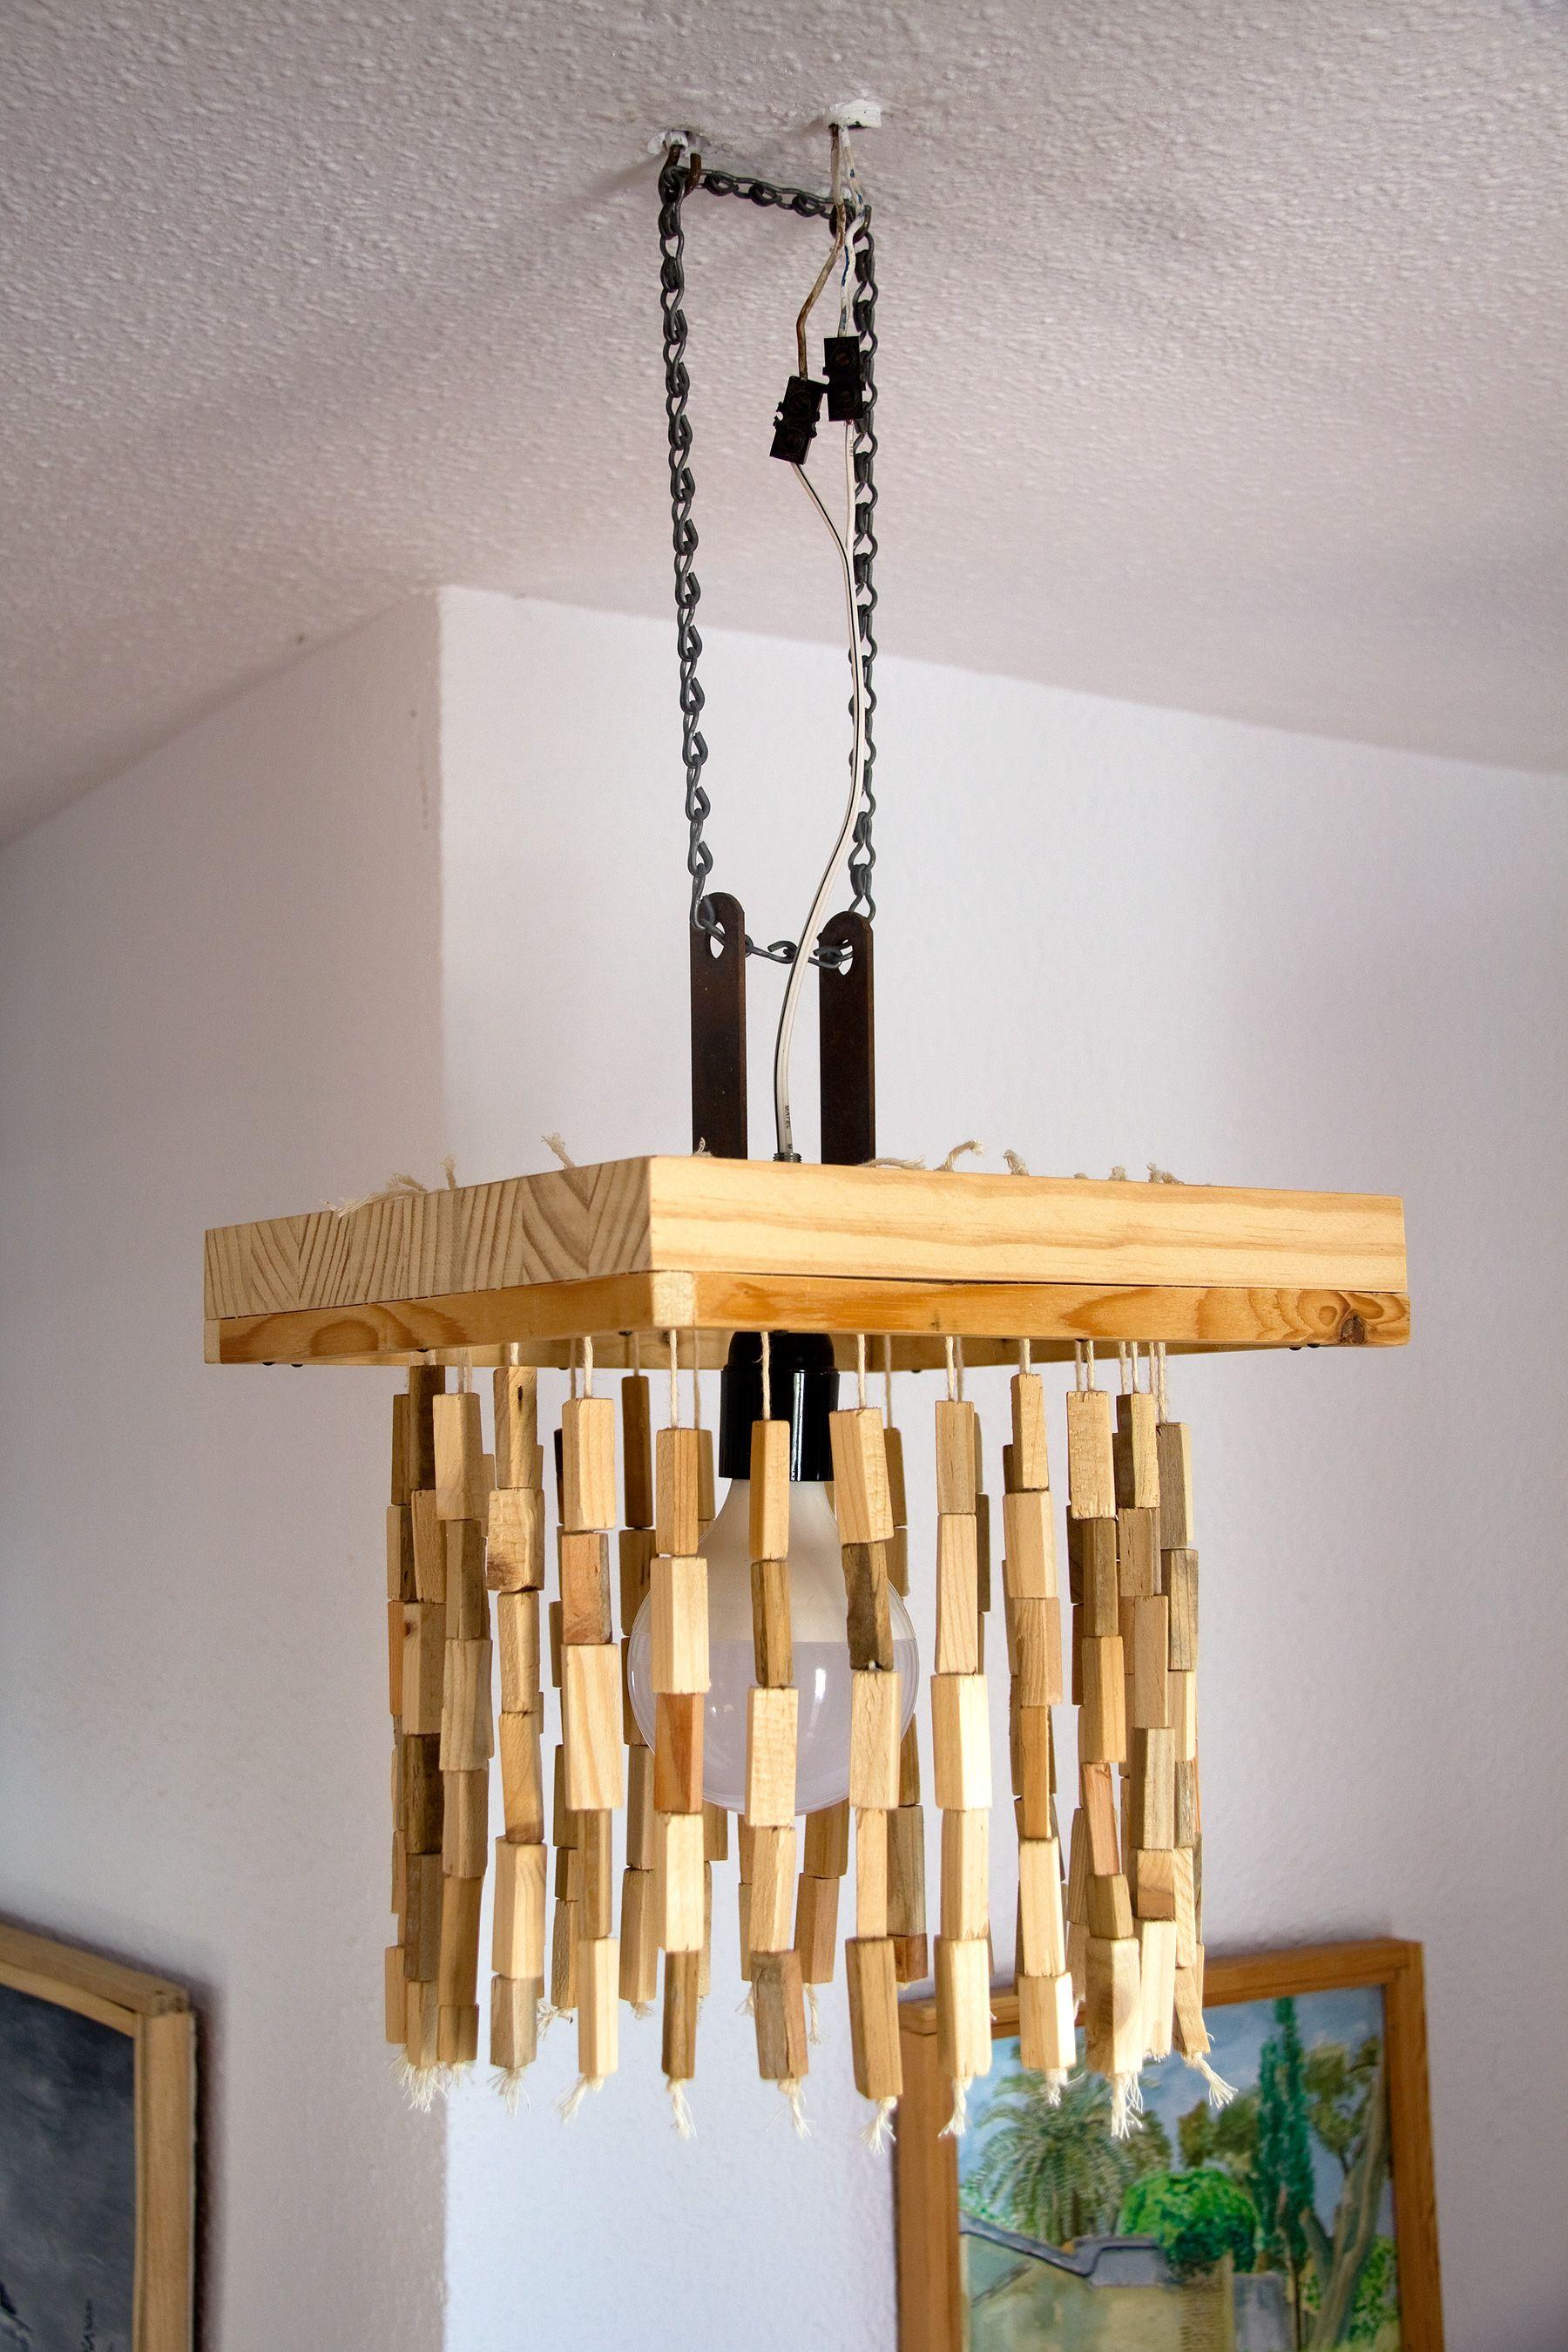 con reciclada Lámpara de de madera colgando listones techo b7f6yYg